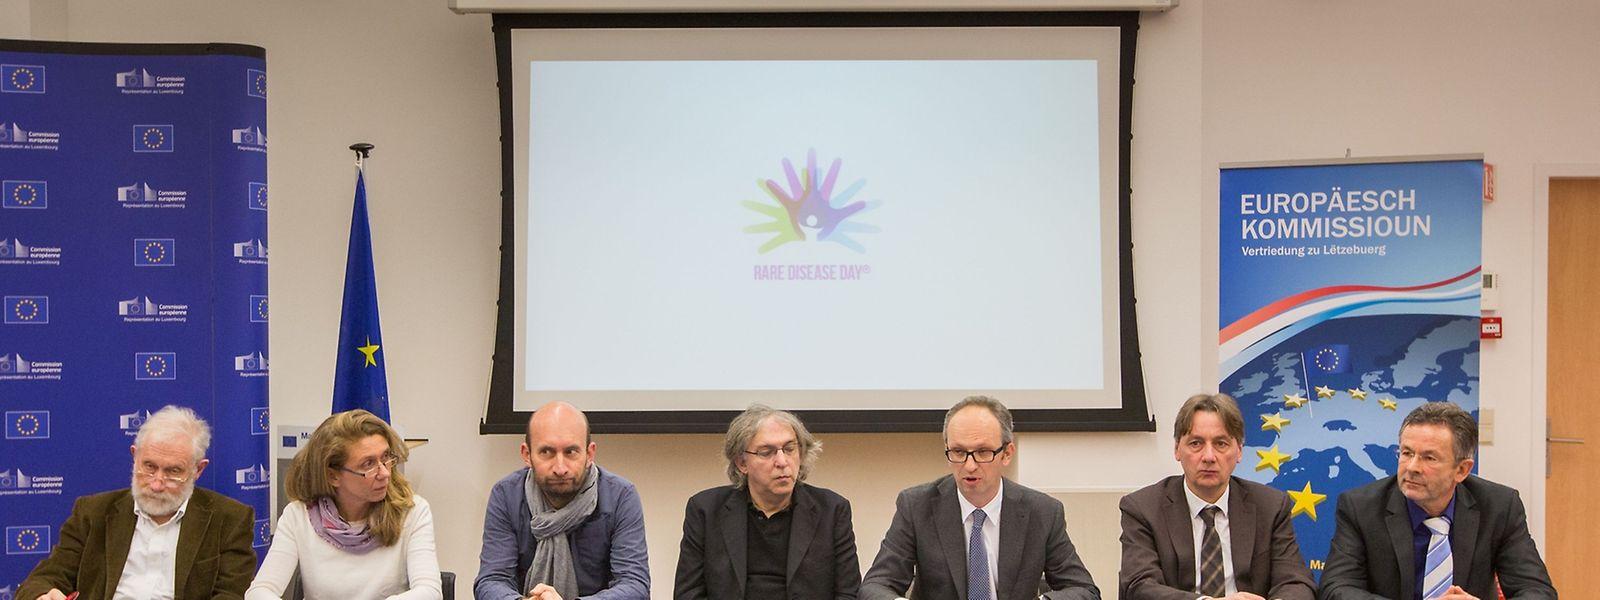 """Die Vertreter von ALAN und der Europäischen Kommission für seltene Erkrankungen haben am Montag eine Konferenz unter dem Motto: """"Erhebt eure Stimme – Gemeinsam für die Seltenen"""" gegeben."""